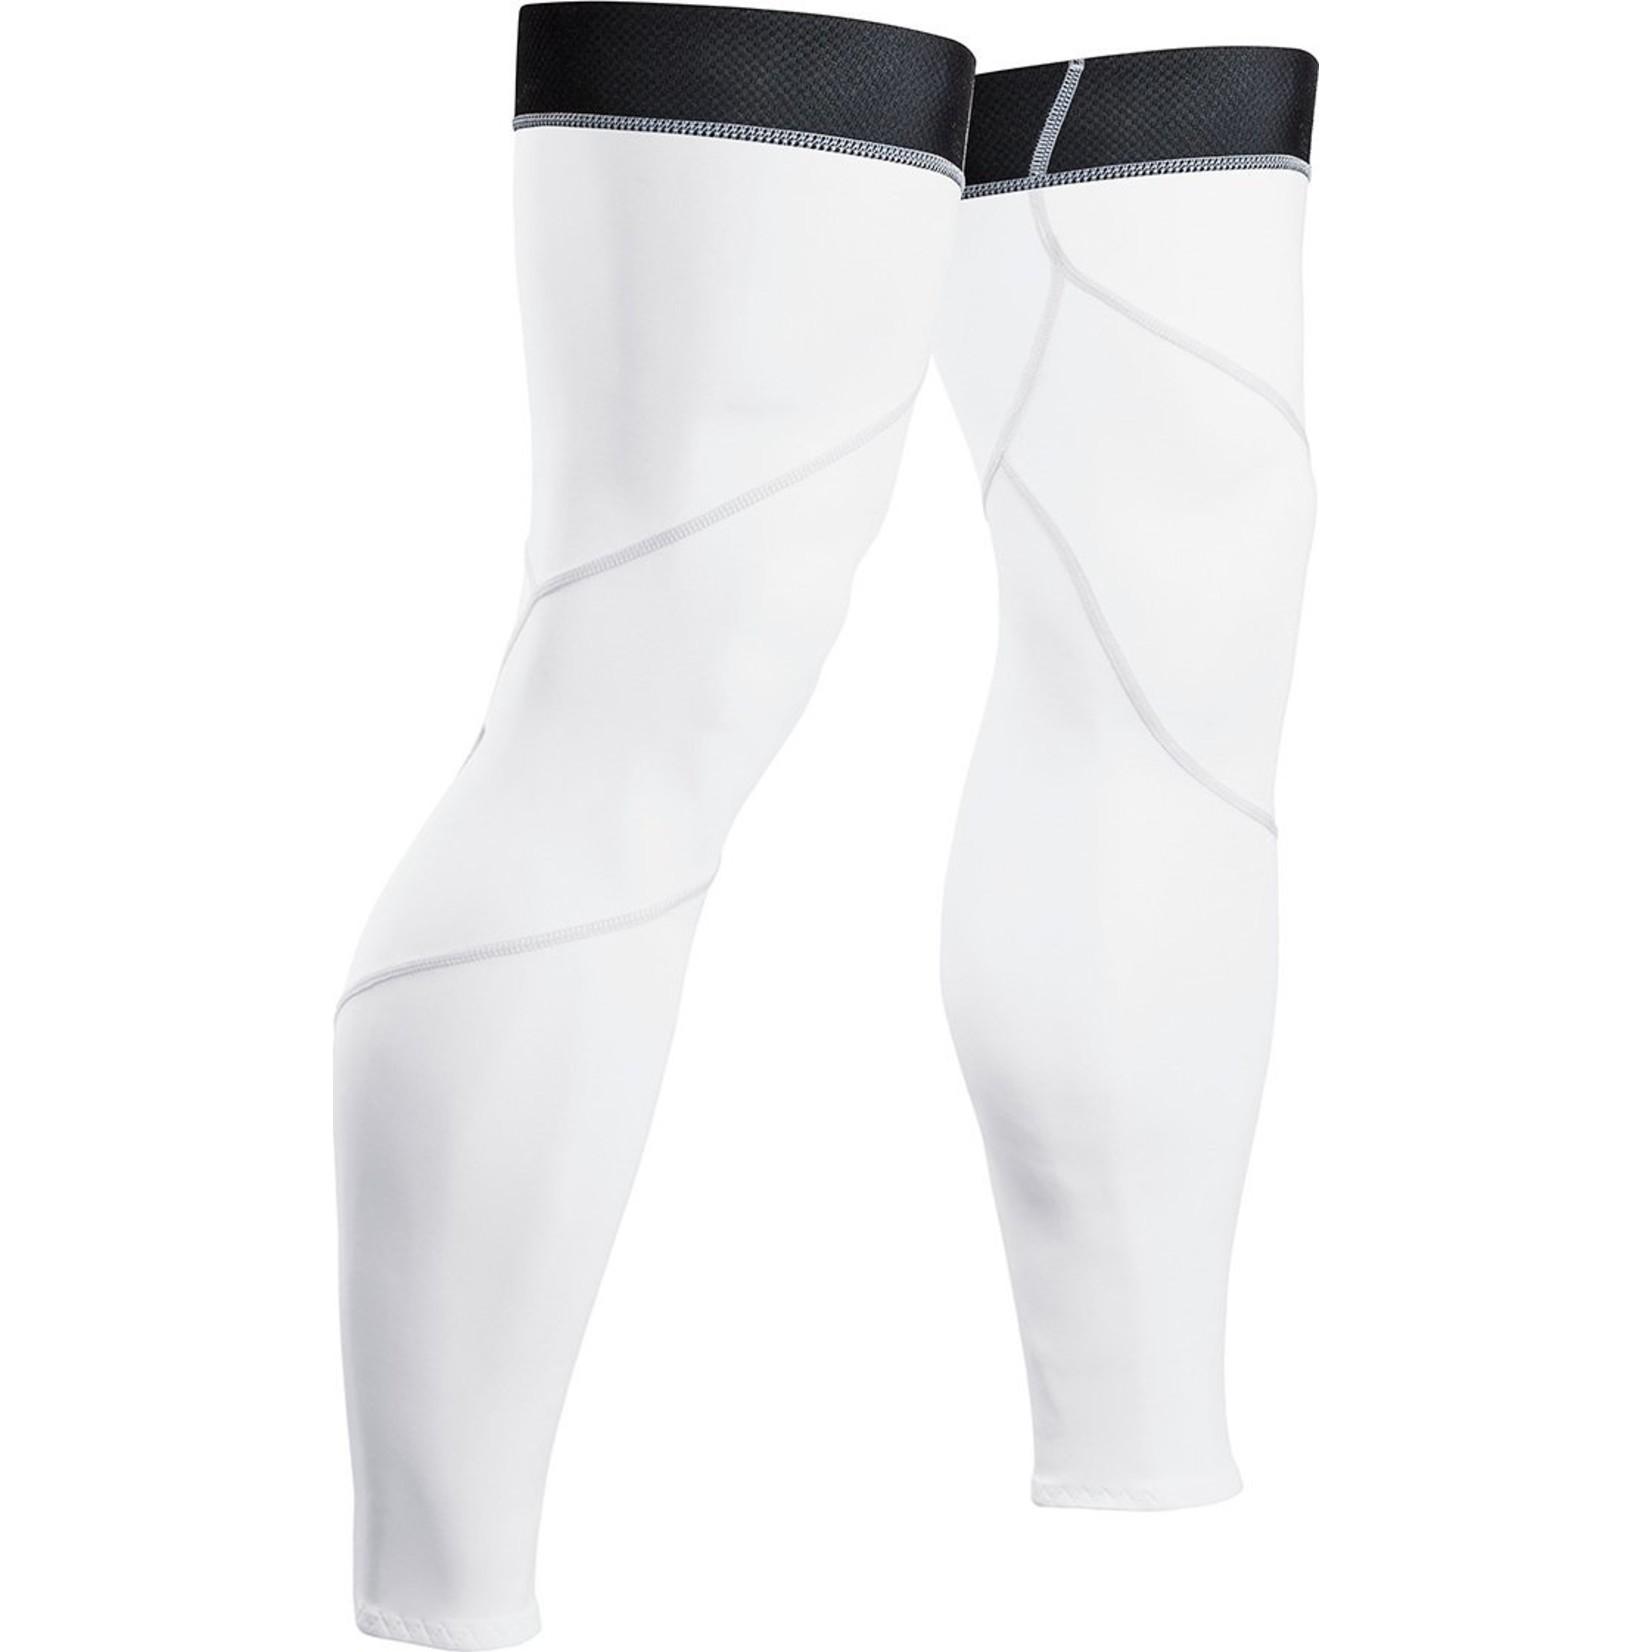 Sugoi Sugoi Leg Cooler Men's